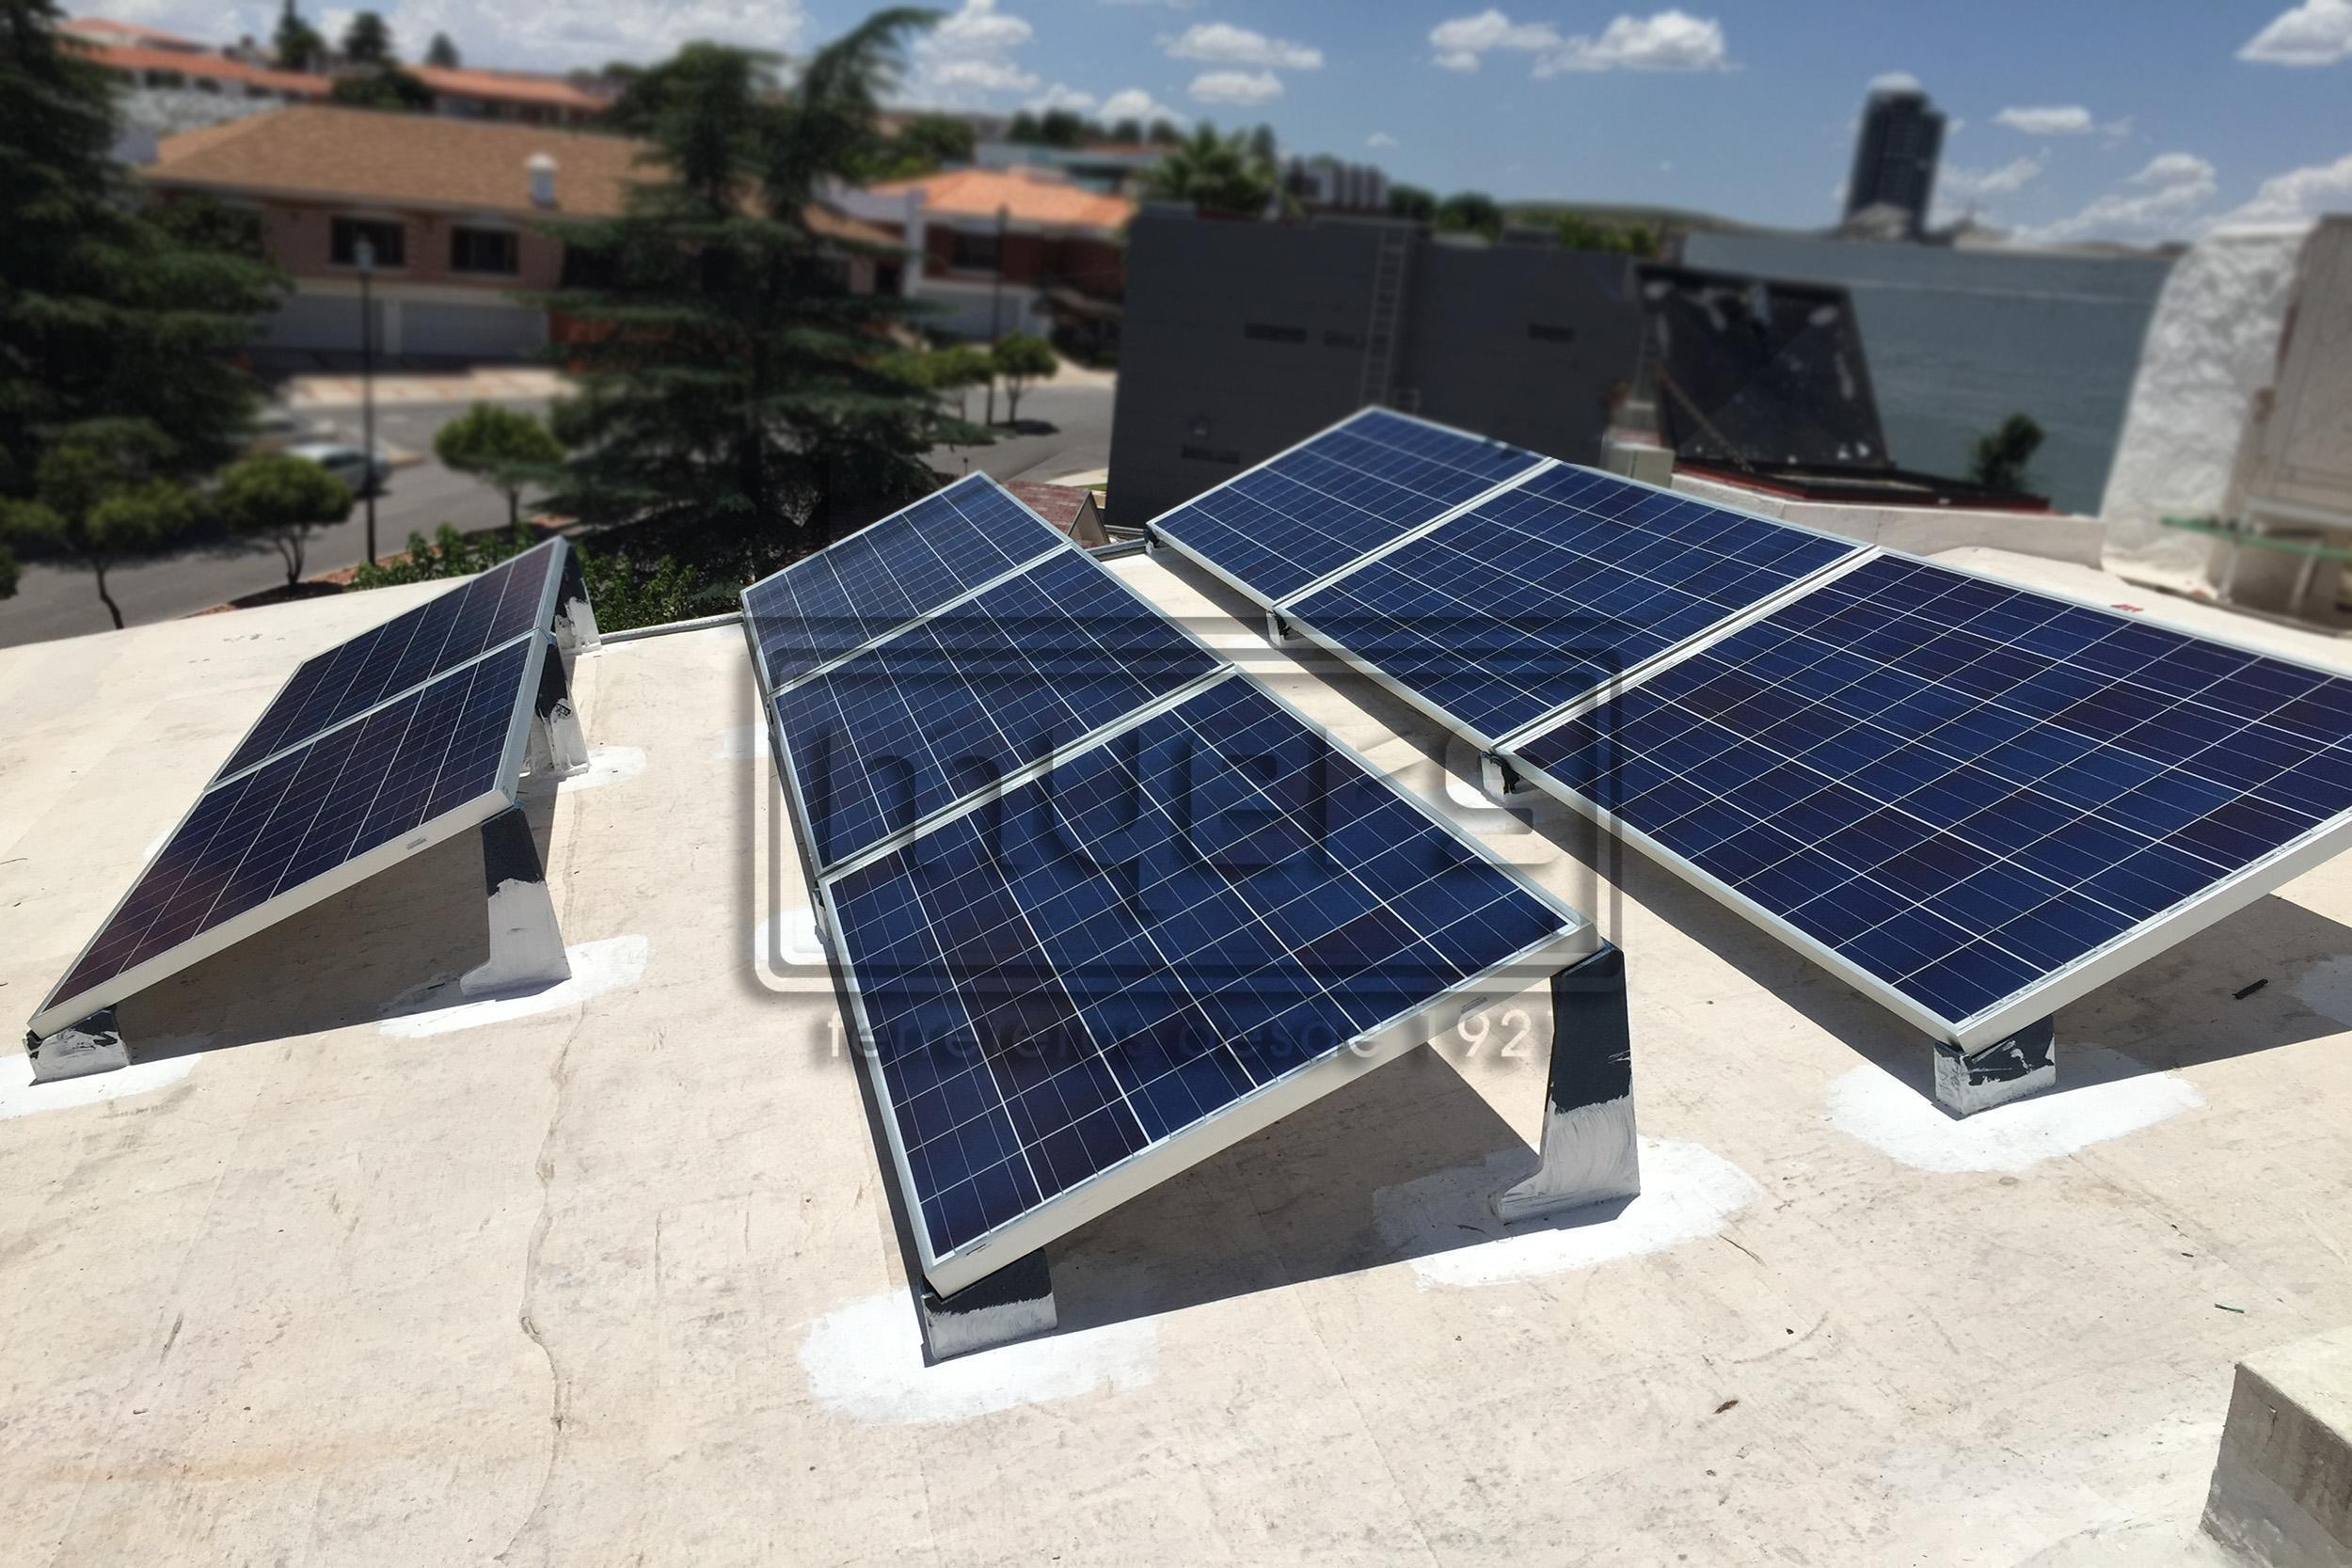 Casas con placas solares com o avano da tecnologia uma - Casas con placas solares ...